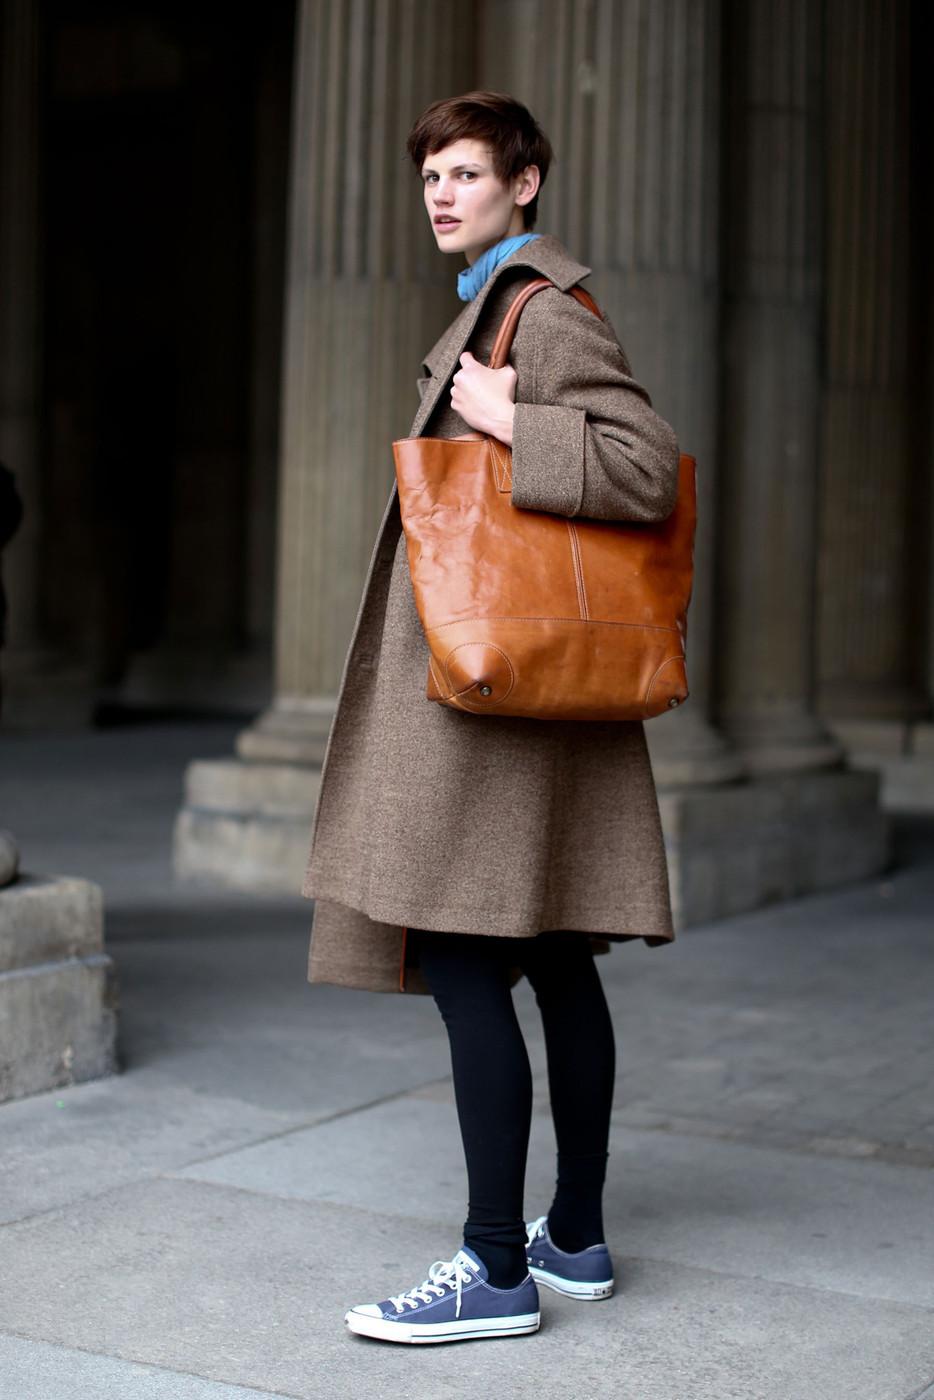 Saskia de Brauw's Androgynous Paris Street Style - The ...